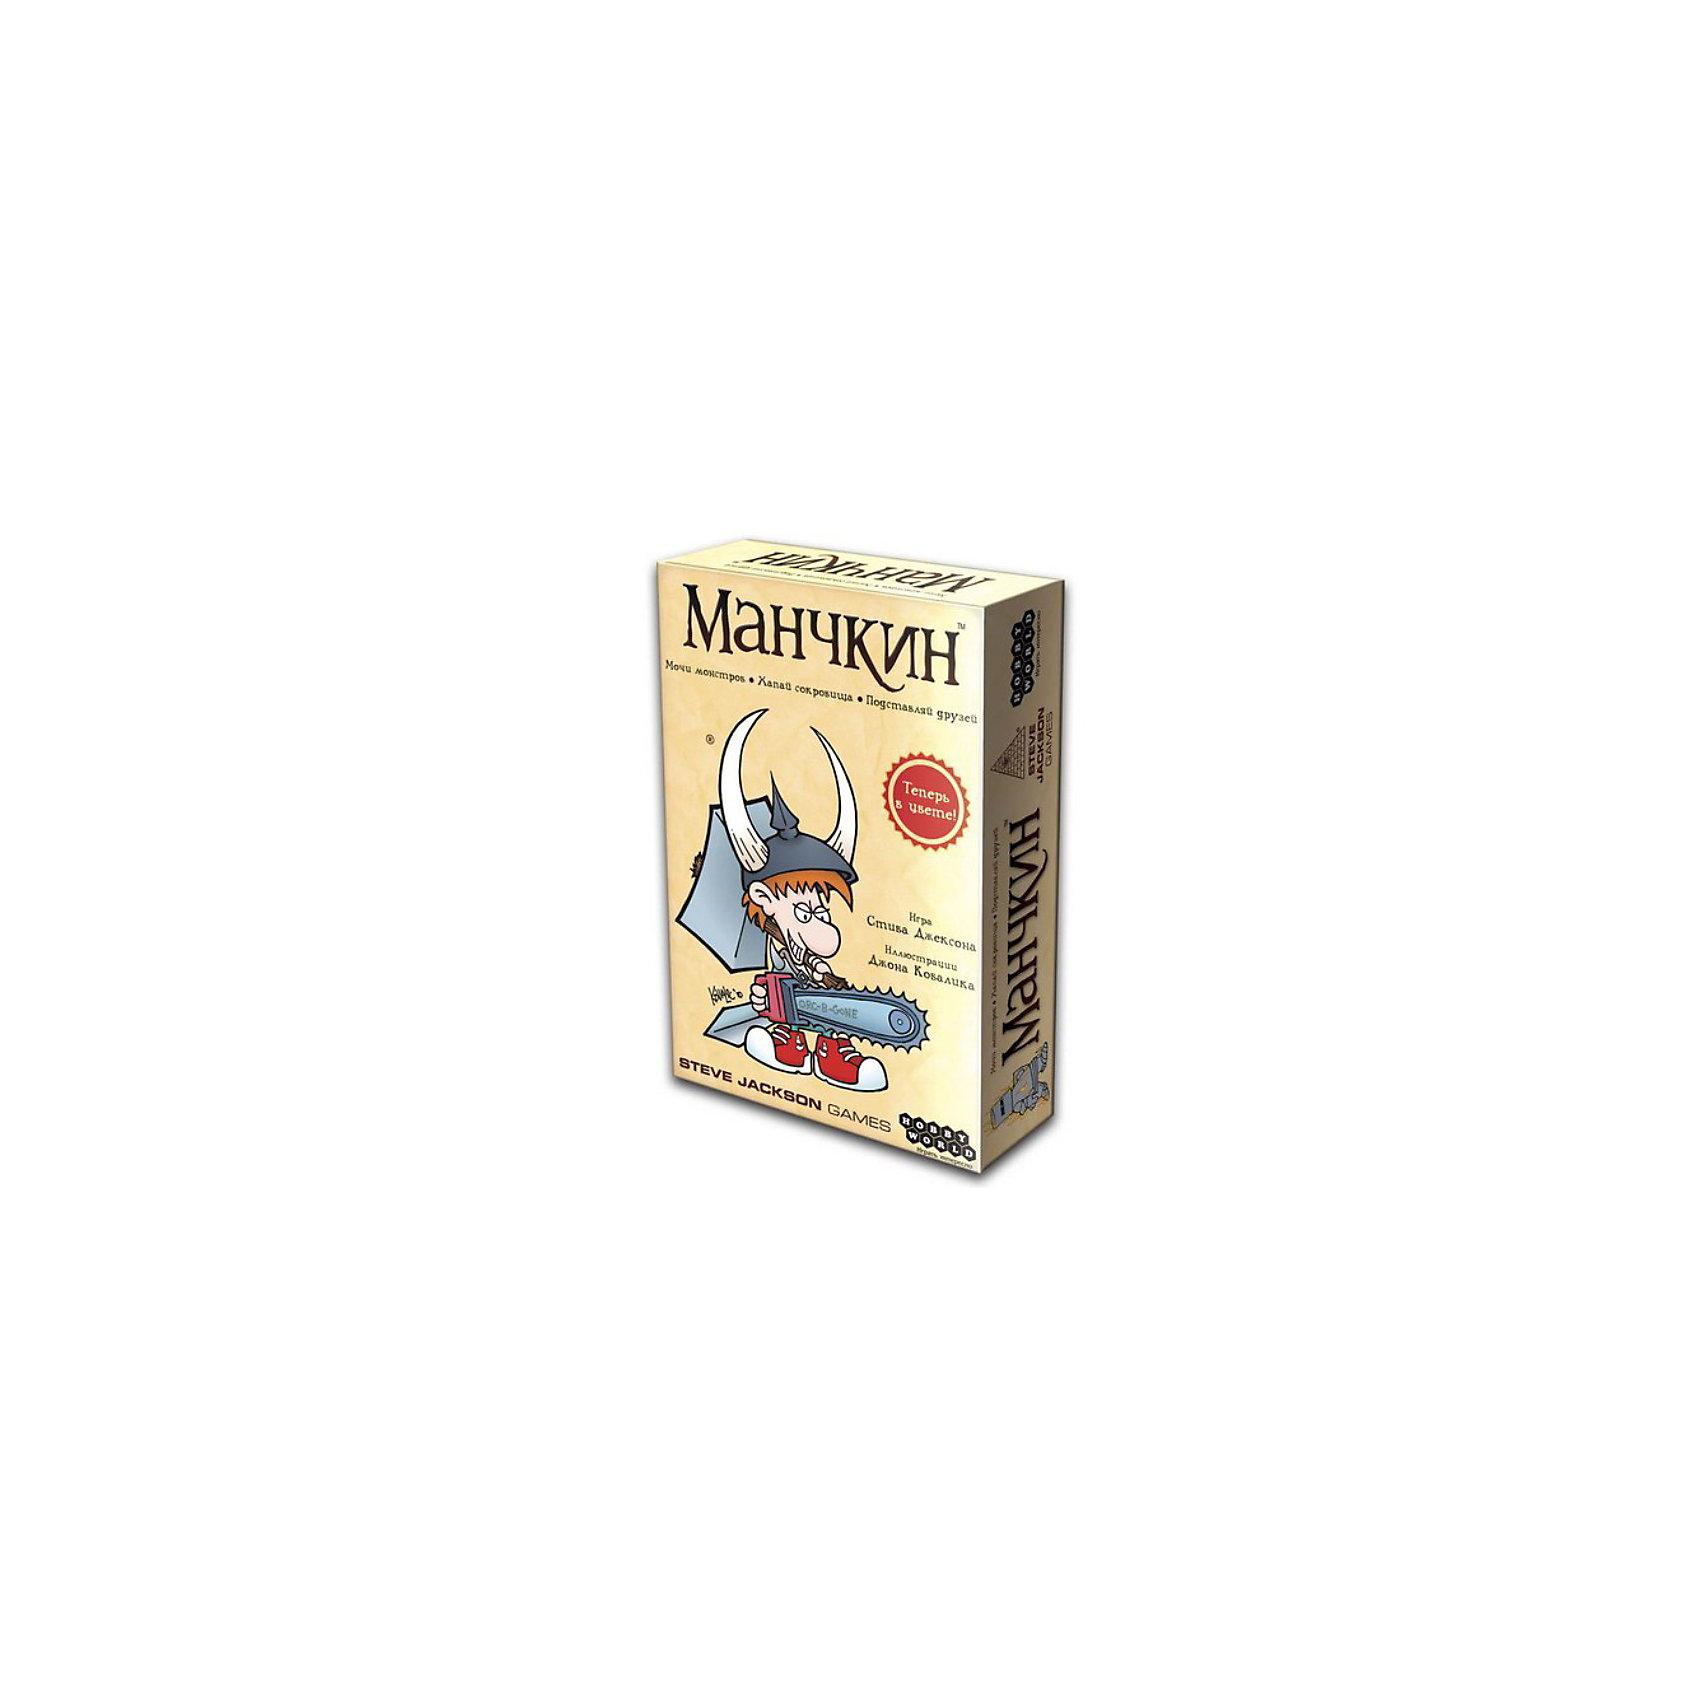 Манчкин, Hobby WorldКарточные игры<br>Классический «Манчкин»  (цветная версия) треплет за чешуйчатый загривок жанр фэнтези с его драконами, эльфами, волшебниками и подземельями. Расхожие стереотипы фэнтезийных книг и фильмов становятся инструментами для достижения заветной цели манчкина — 10-го уровня. Побеждая монстров и мешая соперникам побеждать, манчкин идёт по подземелью, собирая сокровища и напяливая невообразимые шмотки. Игра не даёт расслабиться ни на секунду, ведь сами правила позволяют манчкину обманывать коллег. Главное — чтобы не поймали!<br><br>Новая версия классического «Манчкина» от Стива Джексона отличается от оригинала исключительно раскрашенными картами. Теперь знакомые монстры и сокровища стали еще более привлекательными для охотников за наживой. Это идеальный вариант для знакомства с первоисточником и лучший подарок для фаната. Суть игры не поменялась – сражаясь со злобными созданиями и подставляя друг друга, участники должны достичь максимального уровня, пользуясь любыми способами.<br><br>В наборе:<br>168 карт, кубик для смывки, правила<br><br>Ширина мм: 155<br>Глубина мм: 240<br>Высота мм: 45<br>Вес г: 400<br>Возраст от месяцев: 120<br>Возраст до месяцев: 1188<br>Пол: Унисекс<br>Возраст: Детский<br>SKU: 3202225